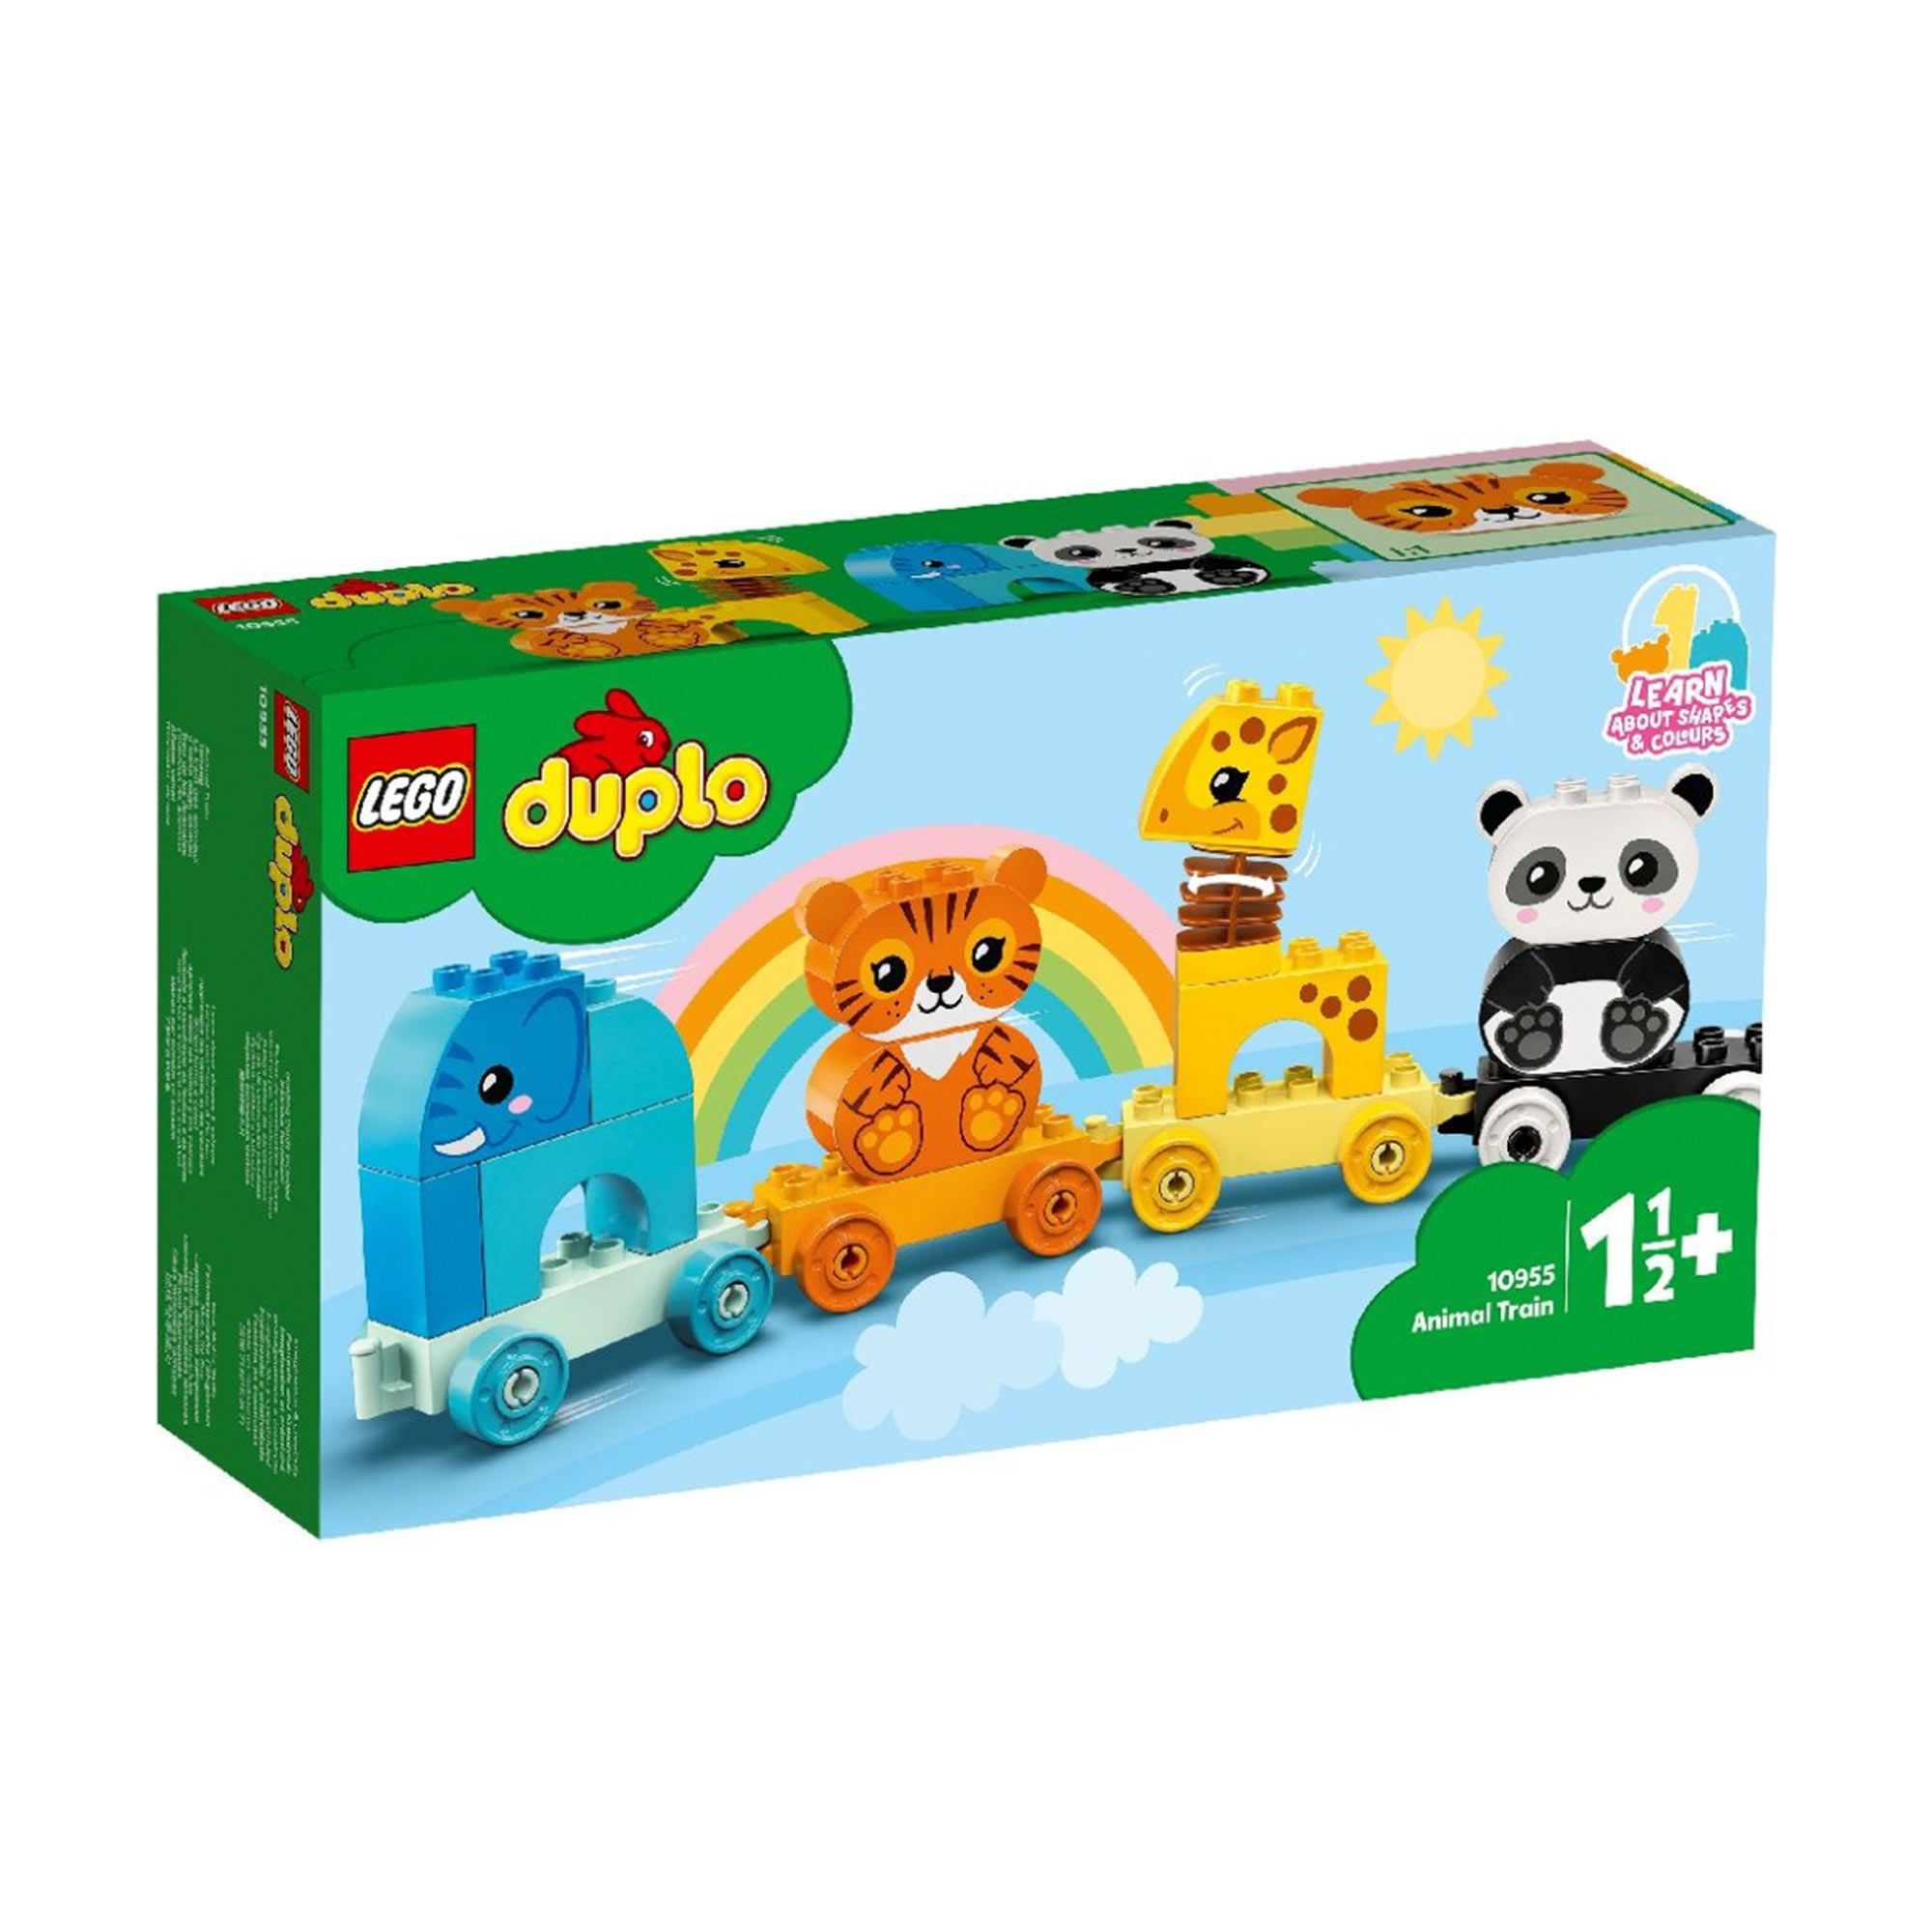 Фото - Конструктор Lego Duplo Мой первый поезд для зверей конструктор lego duplo my first поезд для животных 10955